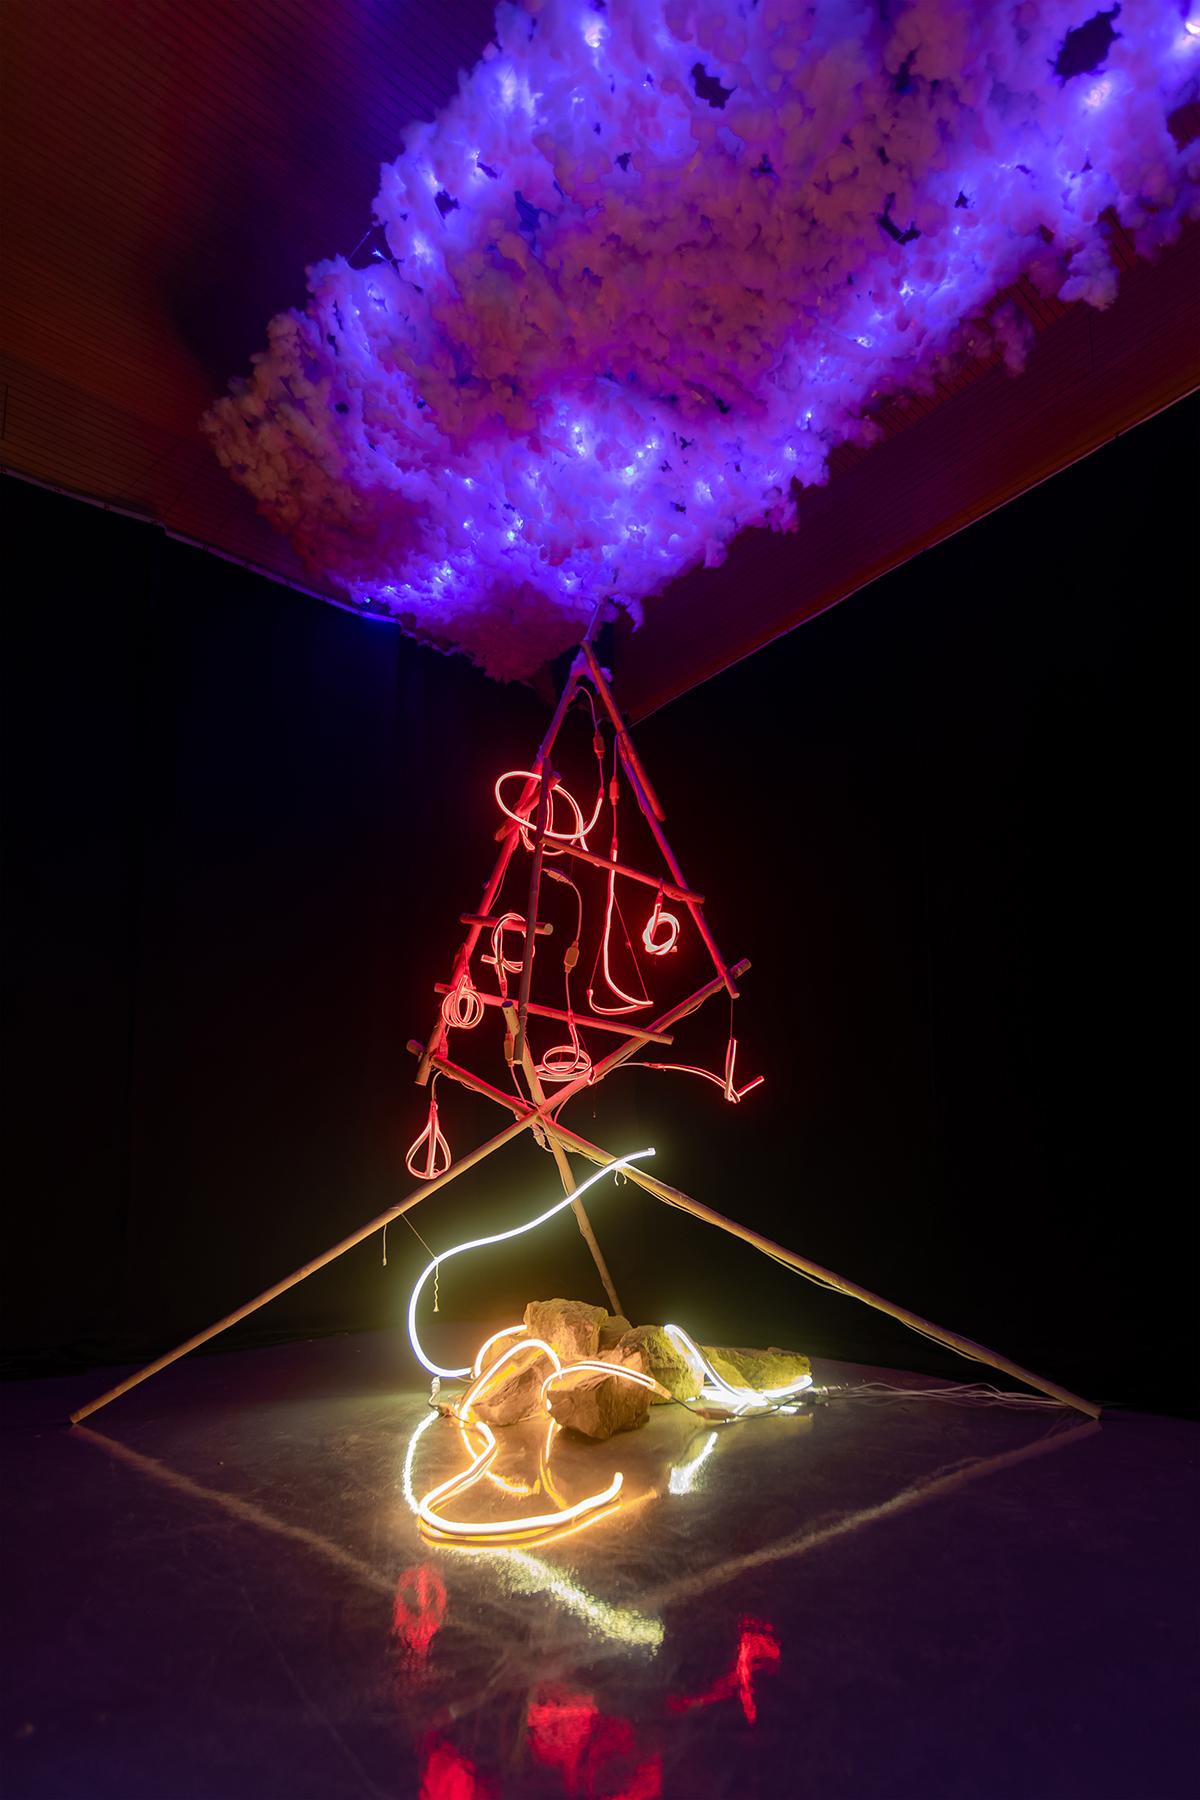 An LED-lit sculpture installation.